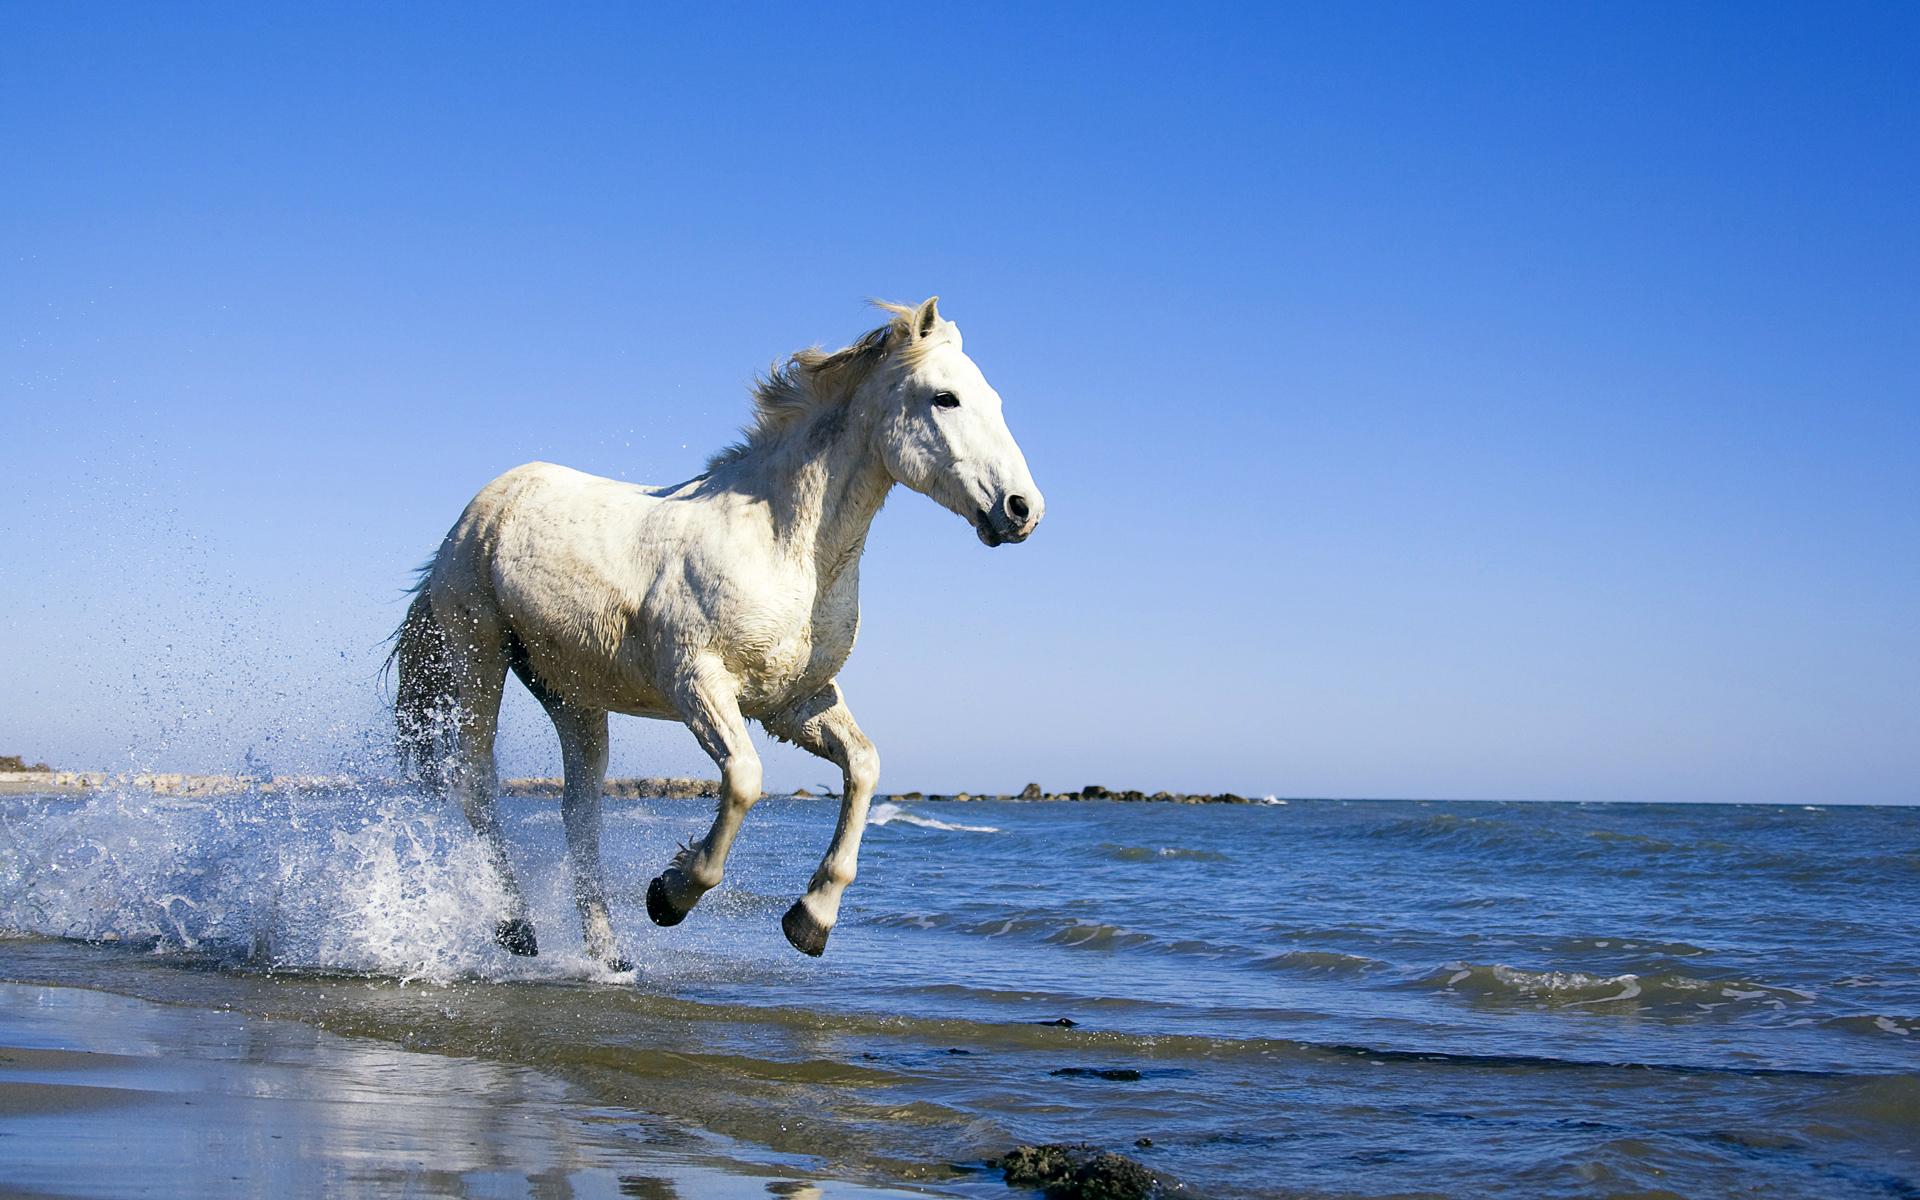 animals horse running free - photo #7